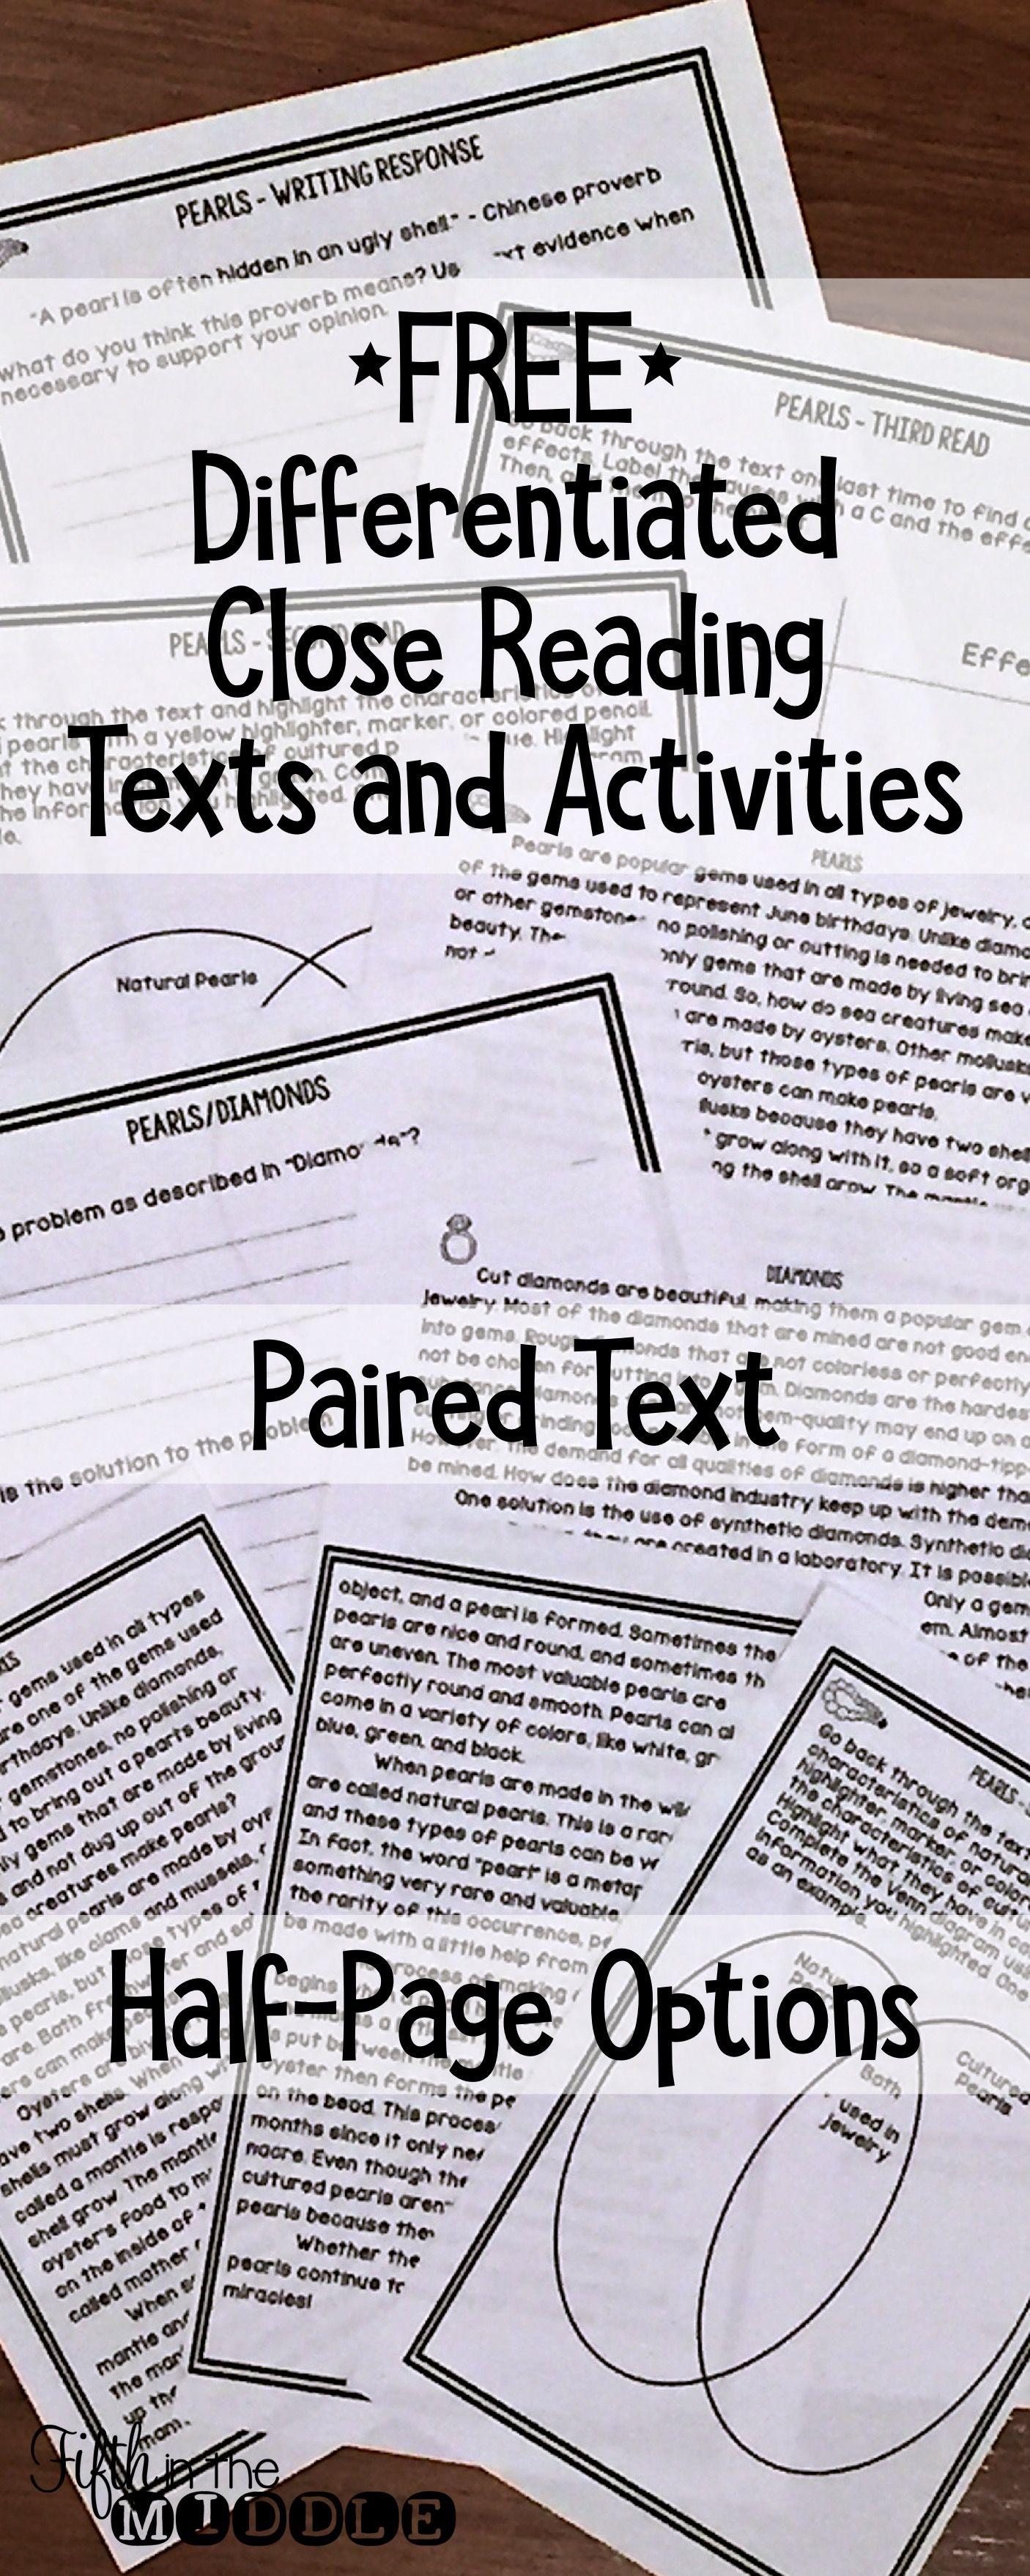 Nonfiction Close Reading Comprehension Passage and Questions - Pearl  Freebie   Reading comprehension passages [ 3515 x 1406 Pixel ]